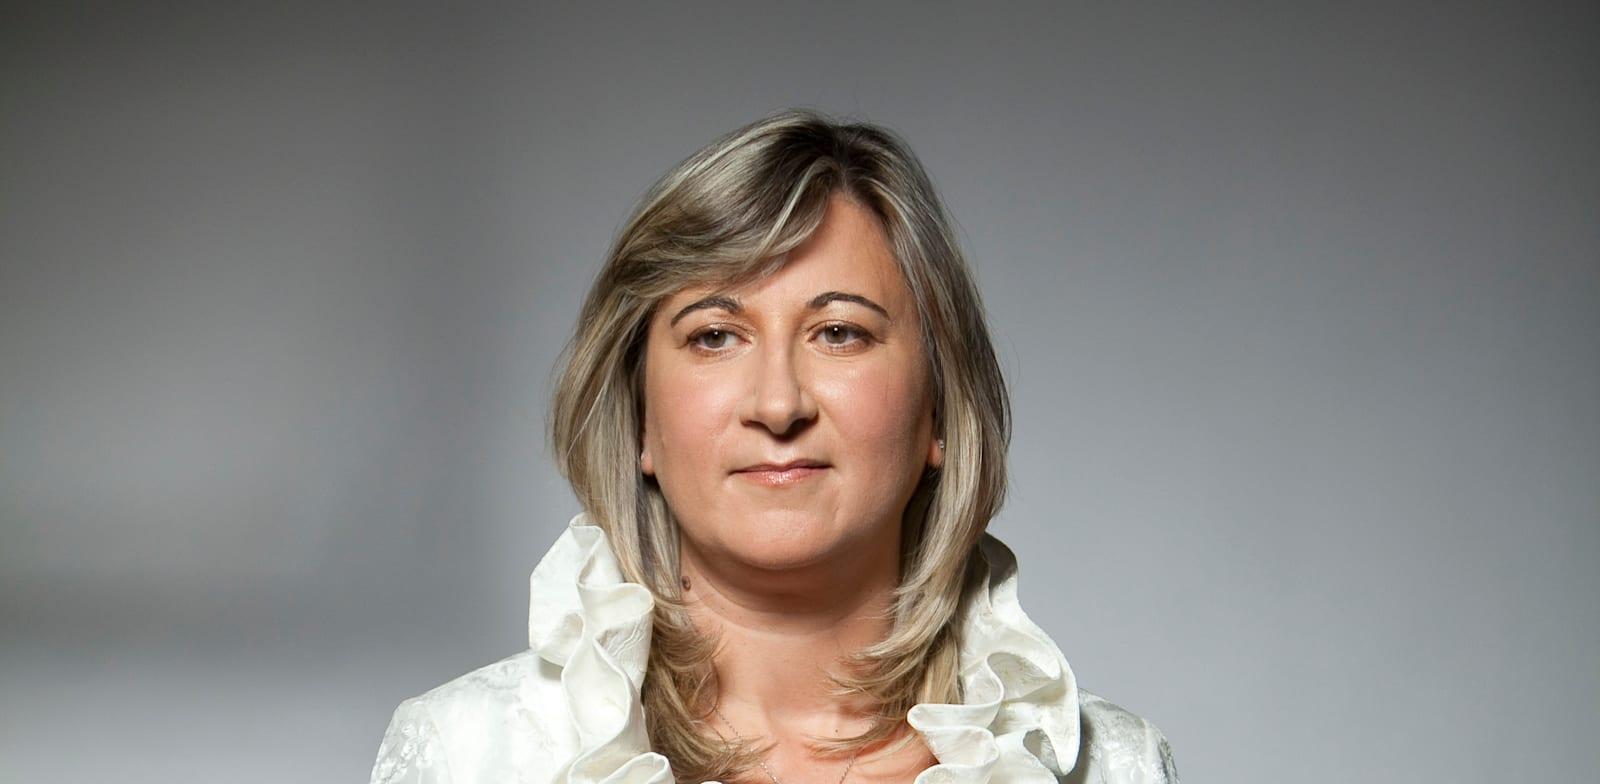 זהבית כהן, מנכלית אייפקס / צילום: רמי זרנגר